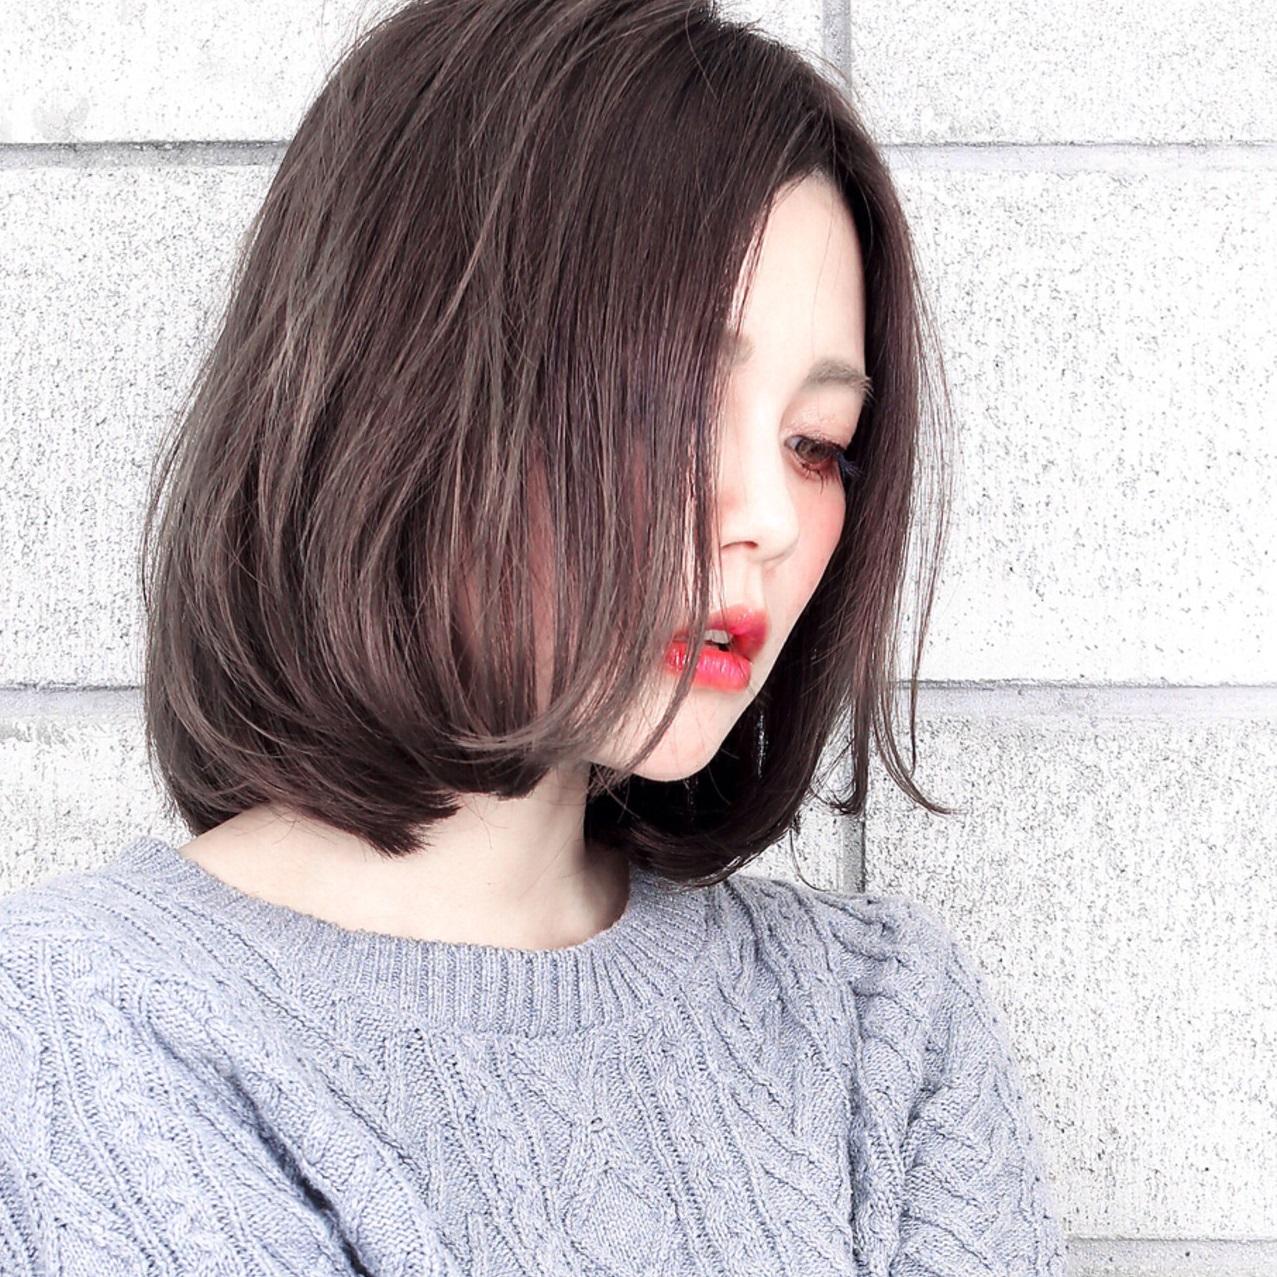 とにかく必見!サロン「hair salon Gallica」中村飛鳥さんが魅せる外国人風グレージュの本気。